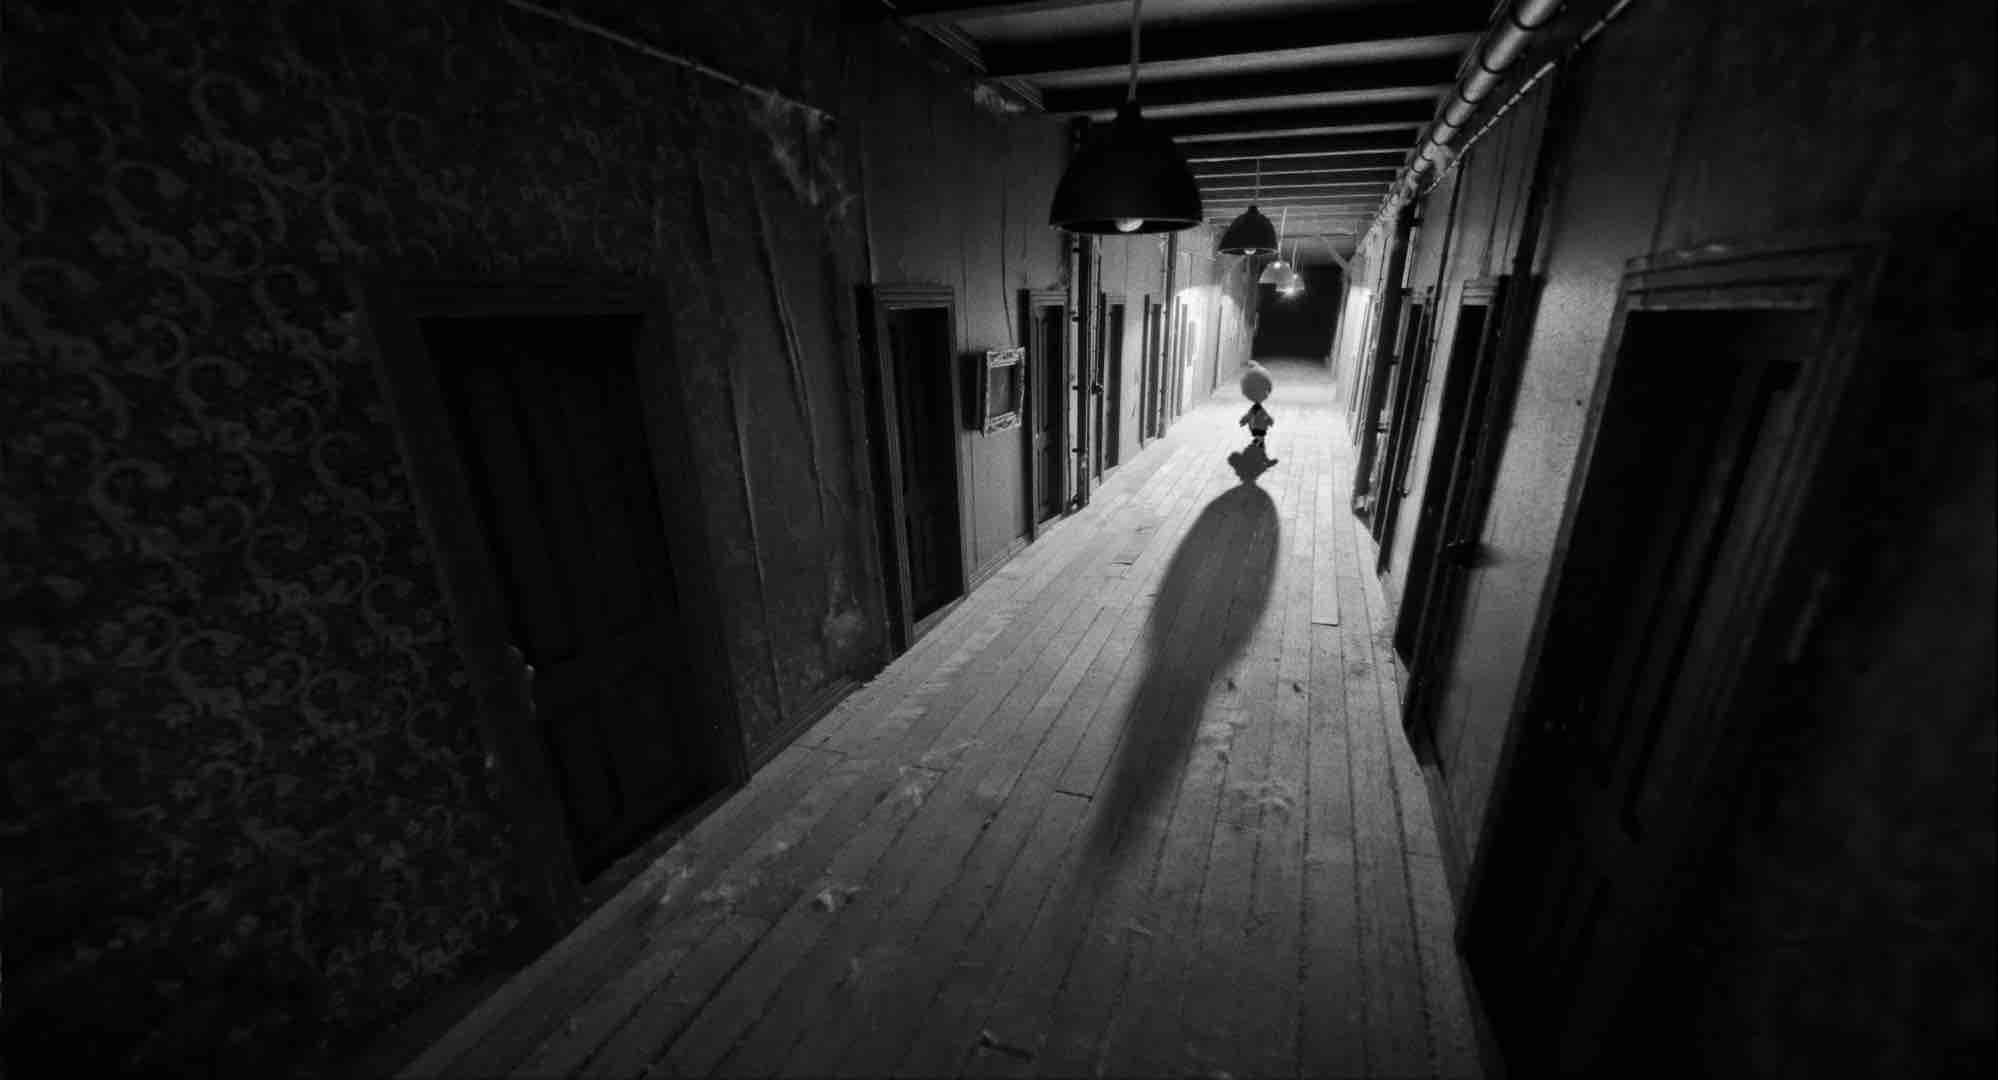 DERNIÈRE PORTE AU SUD de Sacha Feiner, 2015, animation, 14'  Magritte de la meilleure animation 2016, Grand Prix Anima 2015 et Prix du meilleur film d'animation à Clermont (2016)   Un enfant à deux têtes, que sa mère n'a jamais laissé sortir de l'immense manoir familial depuis sa naissance, aperçoit par accident une étrange lumière...